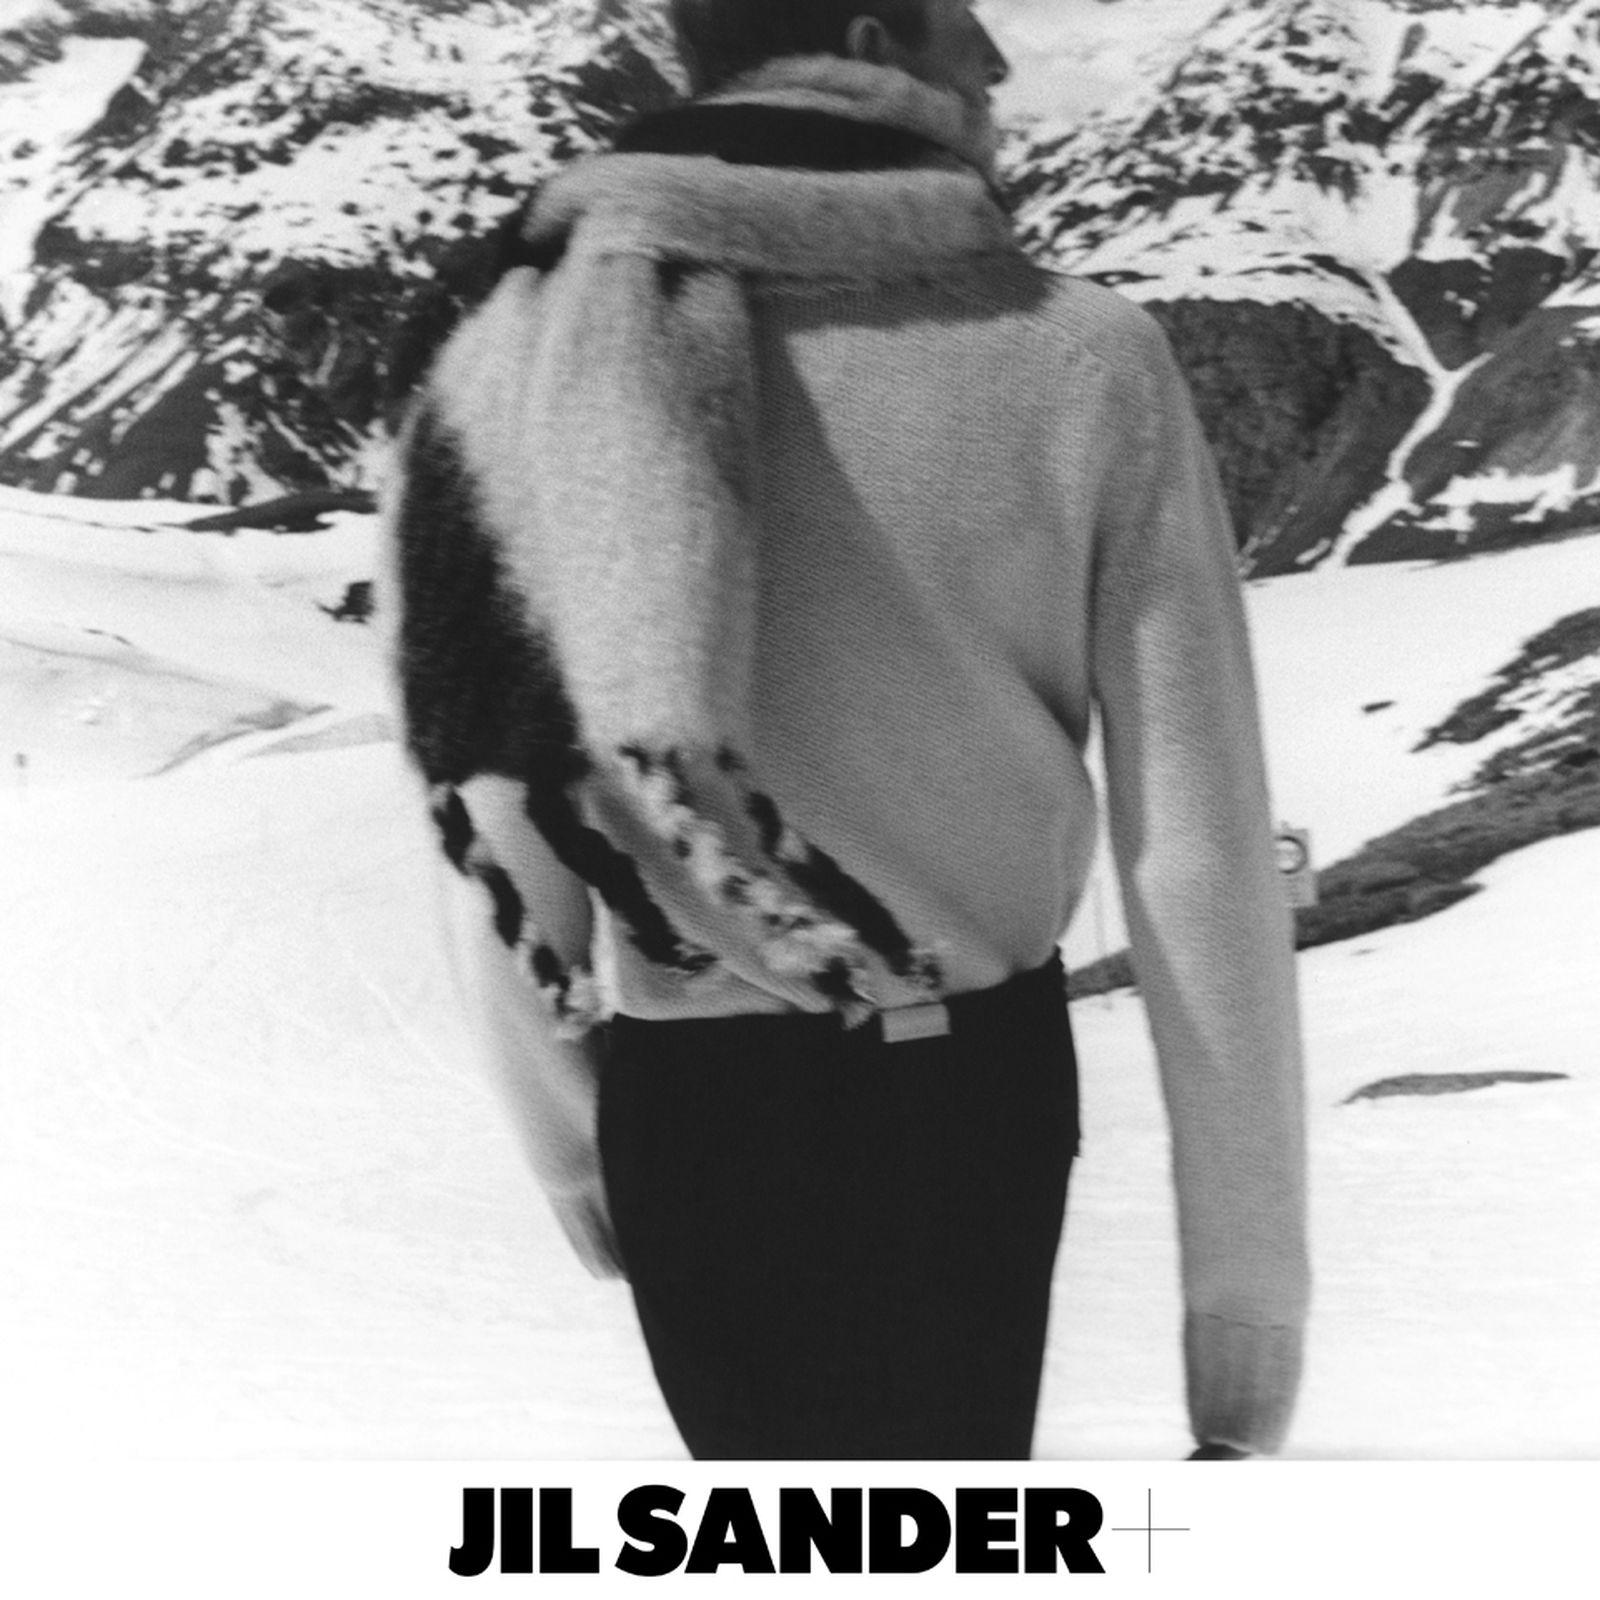 jil sander plus fall winter 2021 campaign (8)